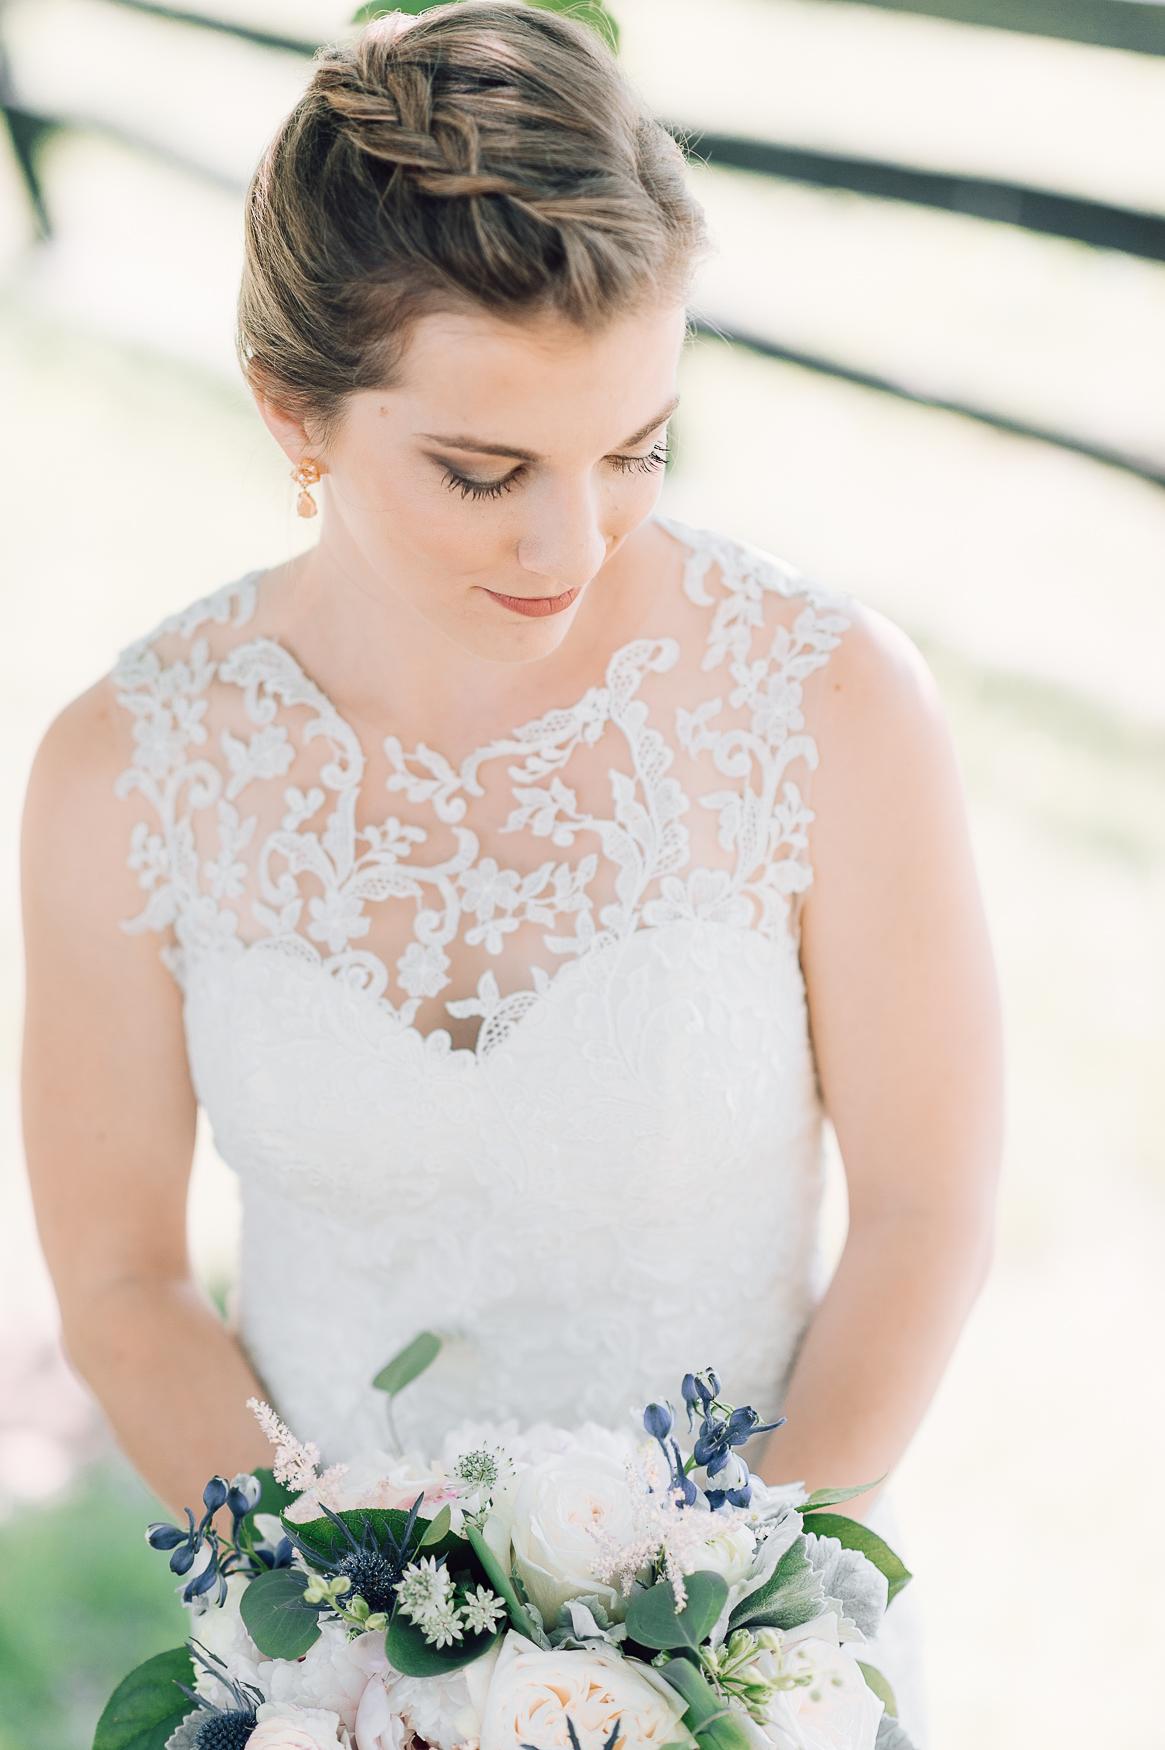 charlottesvillewedding_backyardwedding_virginia_youseephotography_CaitlinDerek (4).jpg